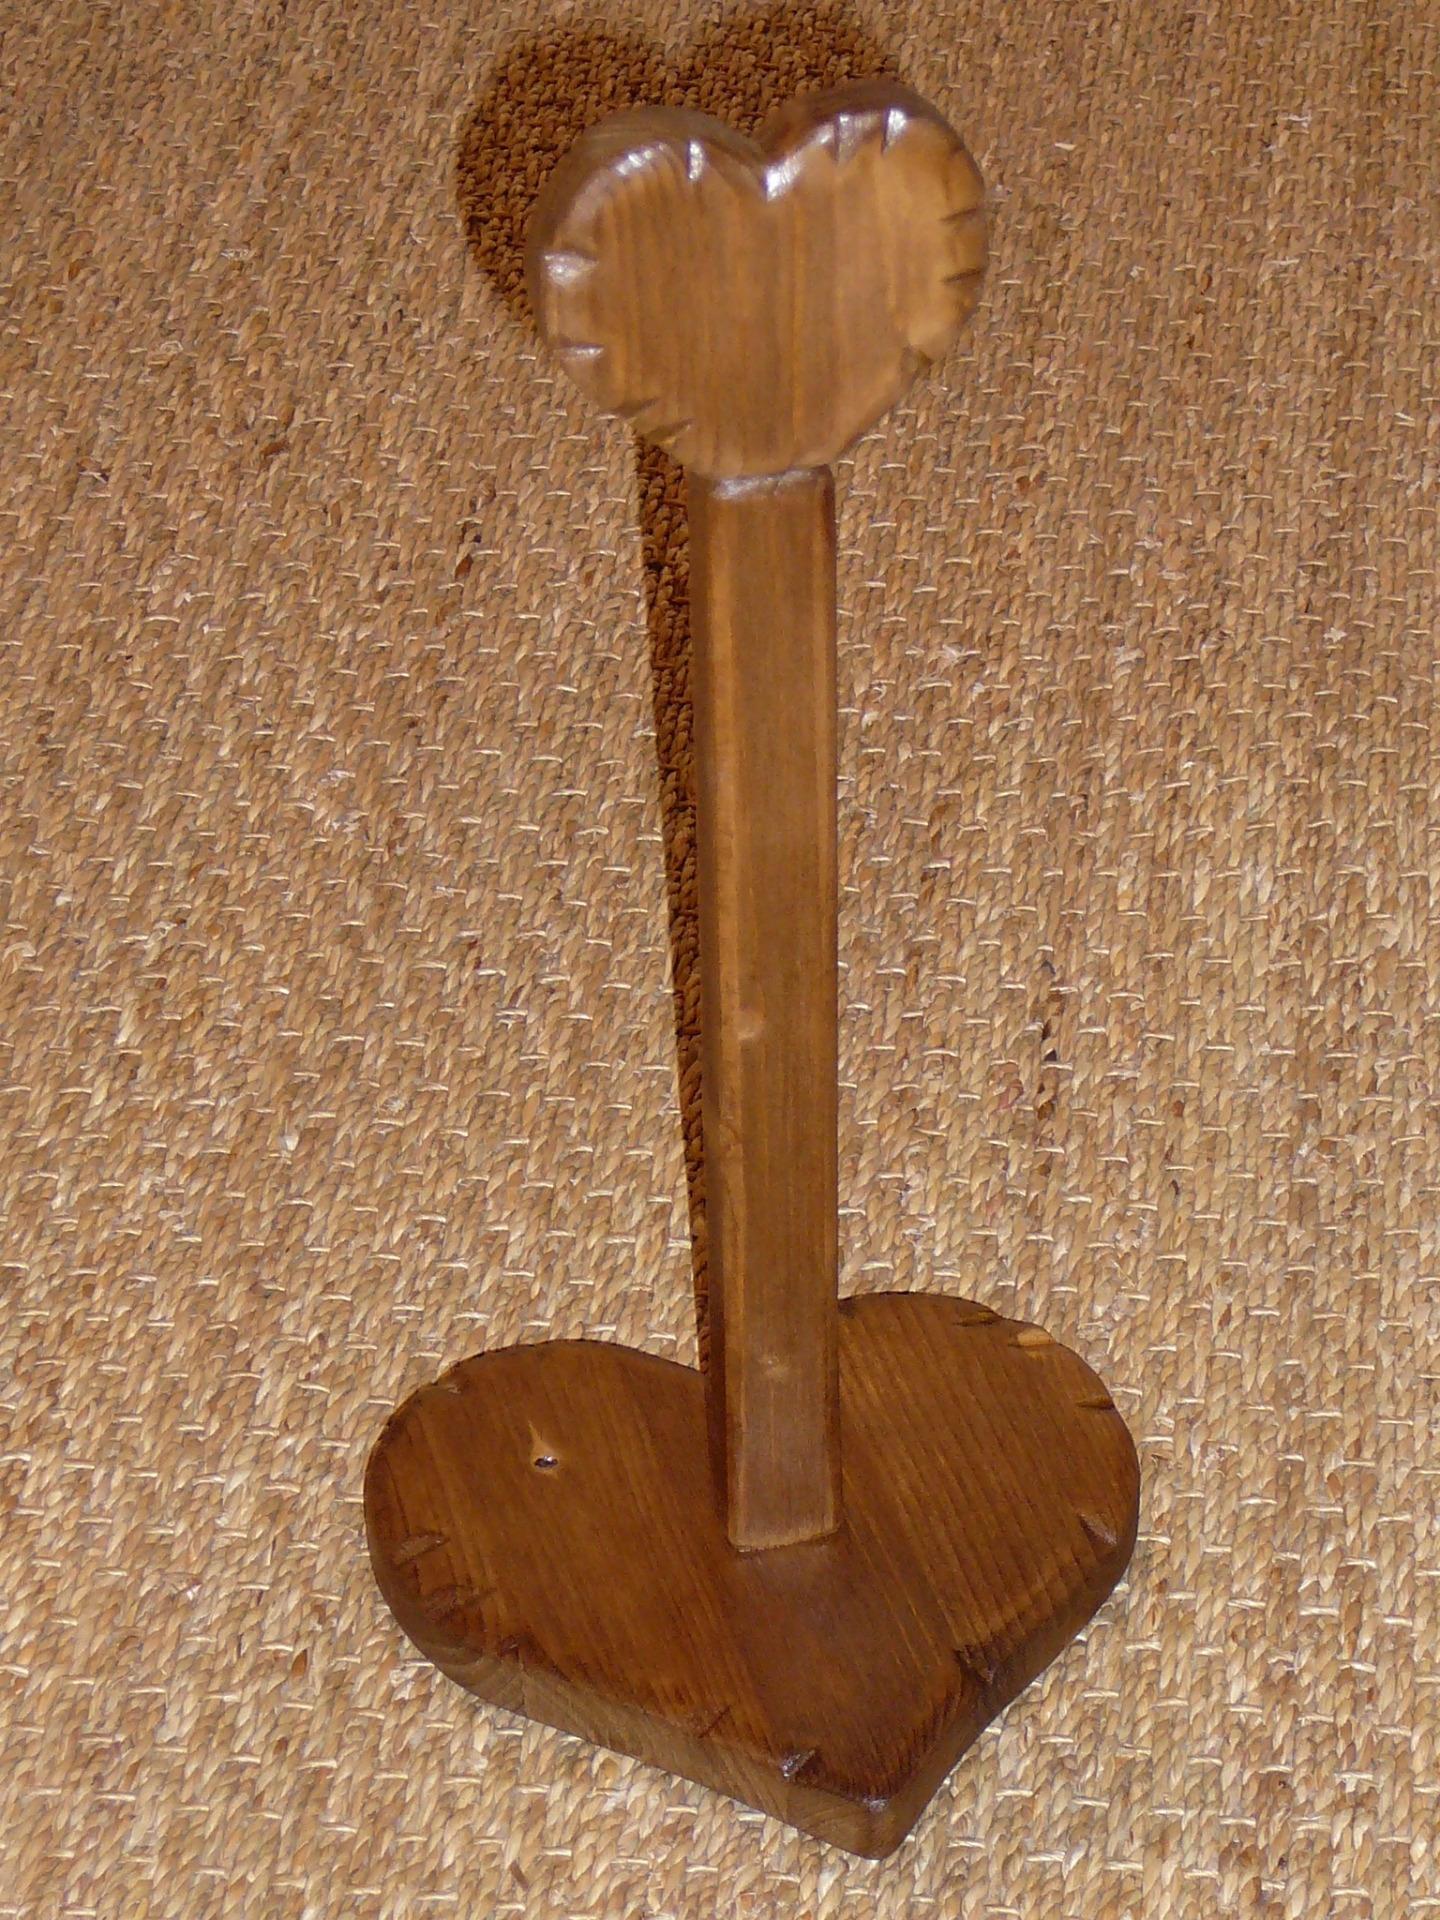 support essuie tout porte rouleau sopalin papier coeur bois. Black Bedroom Furniture Sets. Home Design Ideas